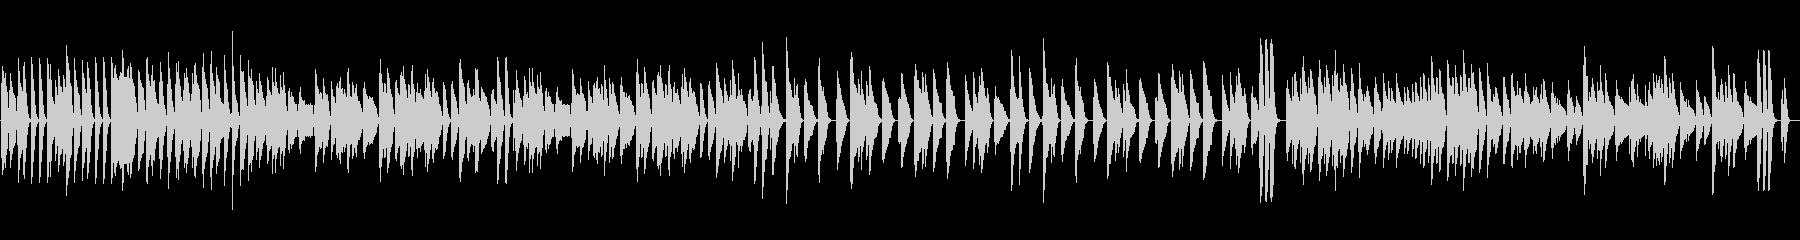 ピアノ元気明るいスキップリズムの未再生の波形